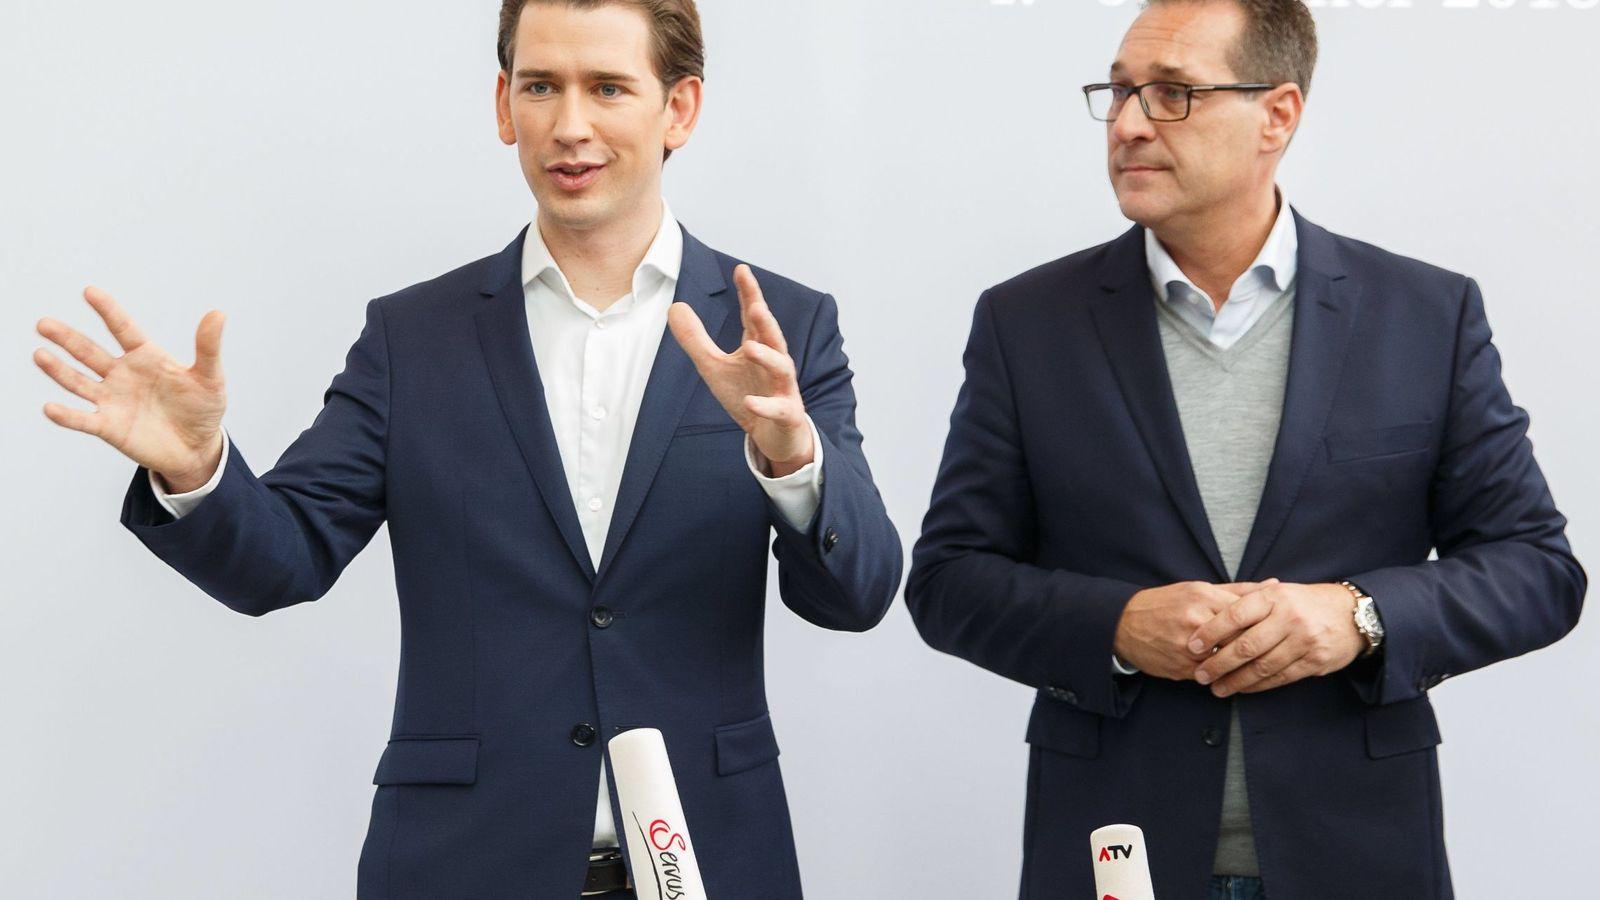 Foto: El canciller de Austria, Sebastian Kurz, junto a su socio de gobierno, el ultraderechista Heinz-Christian Strache. (EFE)